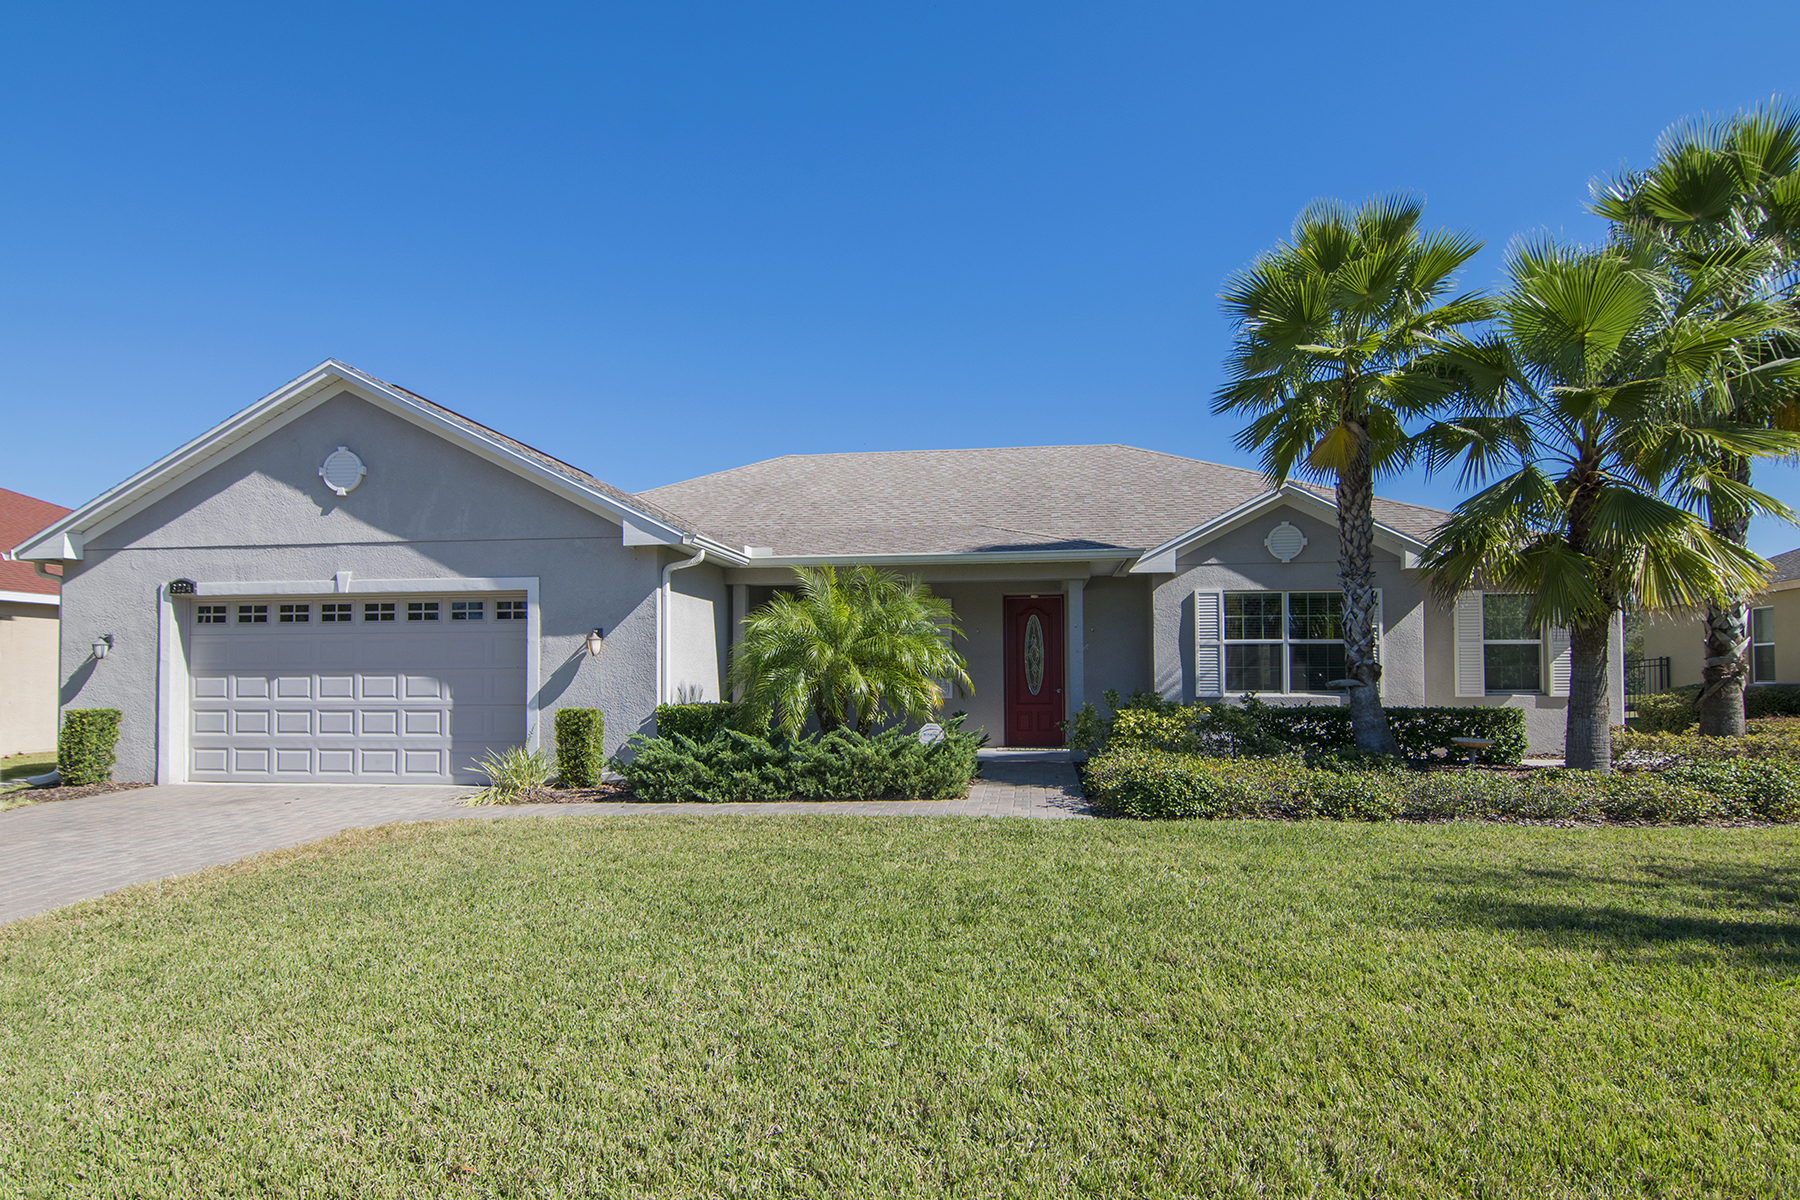 Einfamilienhaus für Verkauf beim LUTZ 3224 Mapleridge Dr Lutz, Florida, 33558 Vereinigte Staaten